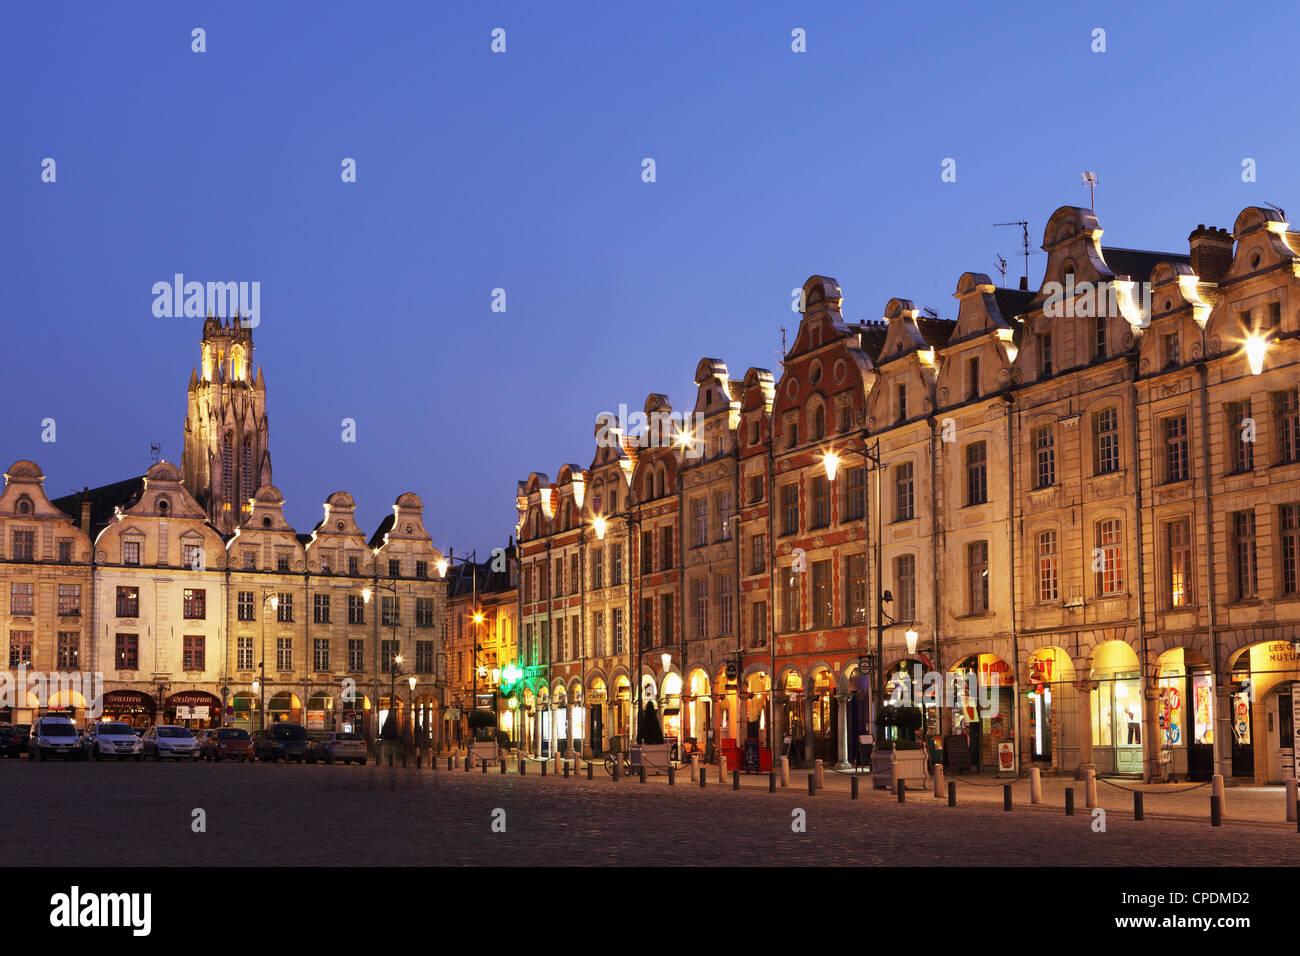 Flemish Baroque architecture at night on the Petite Place (Place des Heros), Arras, Nord-Pas de Calais, France, - Stock Image